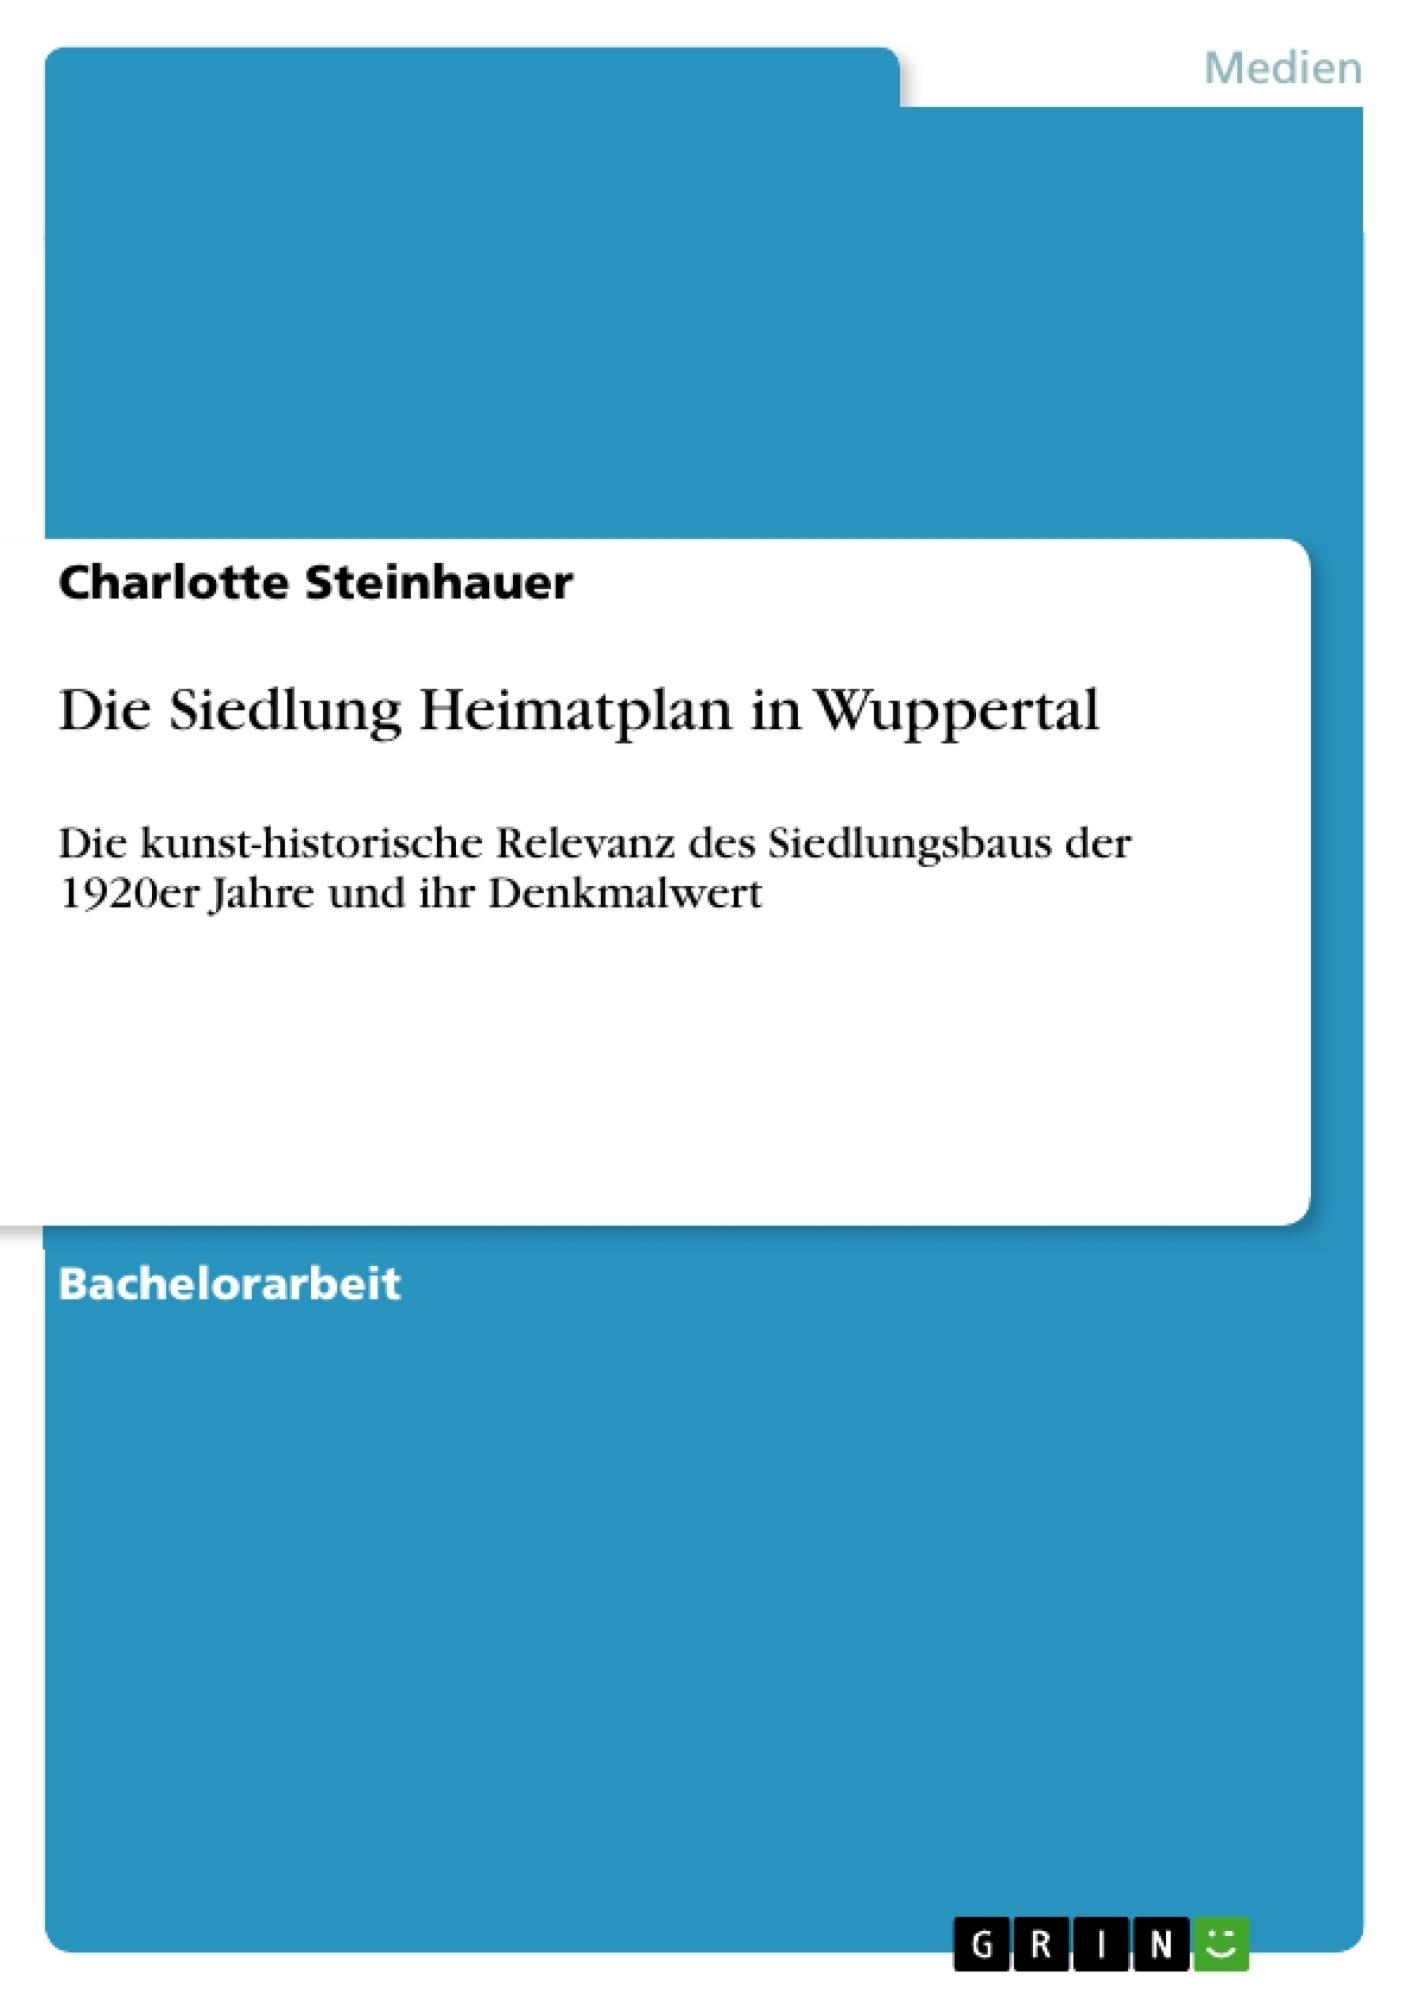 Titel: Die Siedlung Heimatplan in Wuppertal